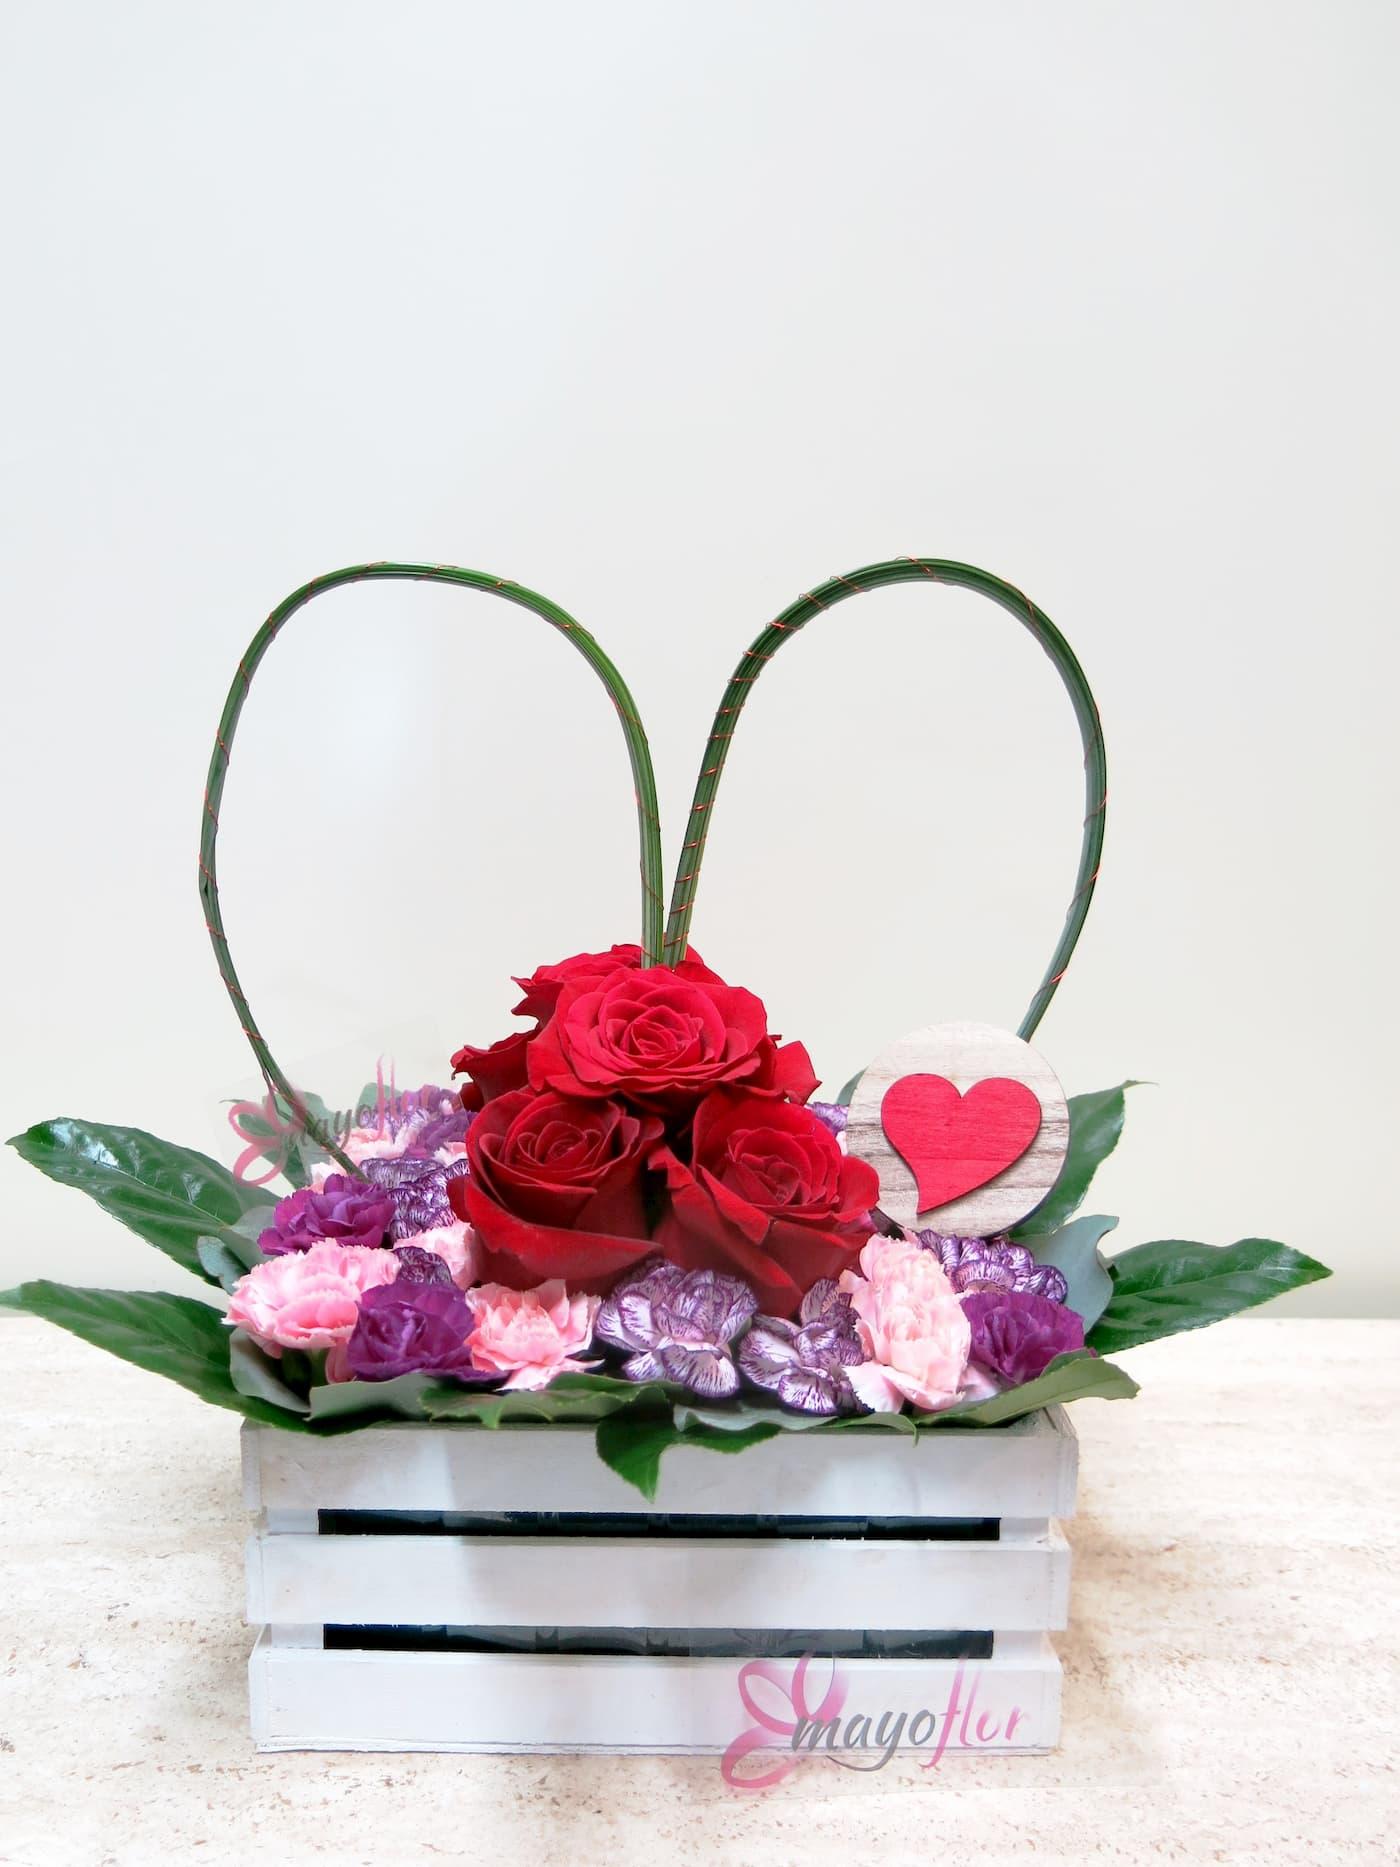 Centro de rosa Y clavellina en recipiente de madera blanca con un gran corazón - Foto principal